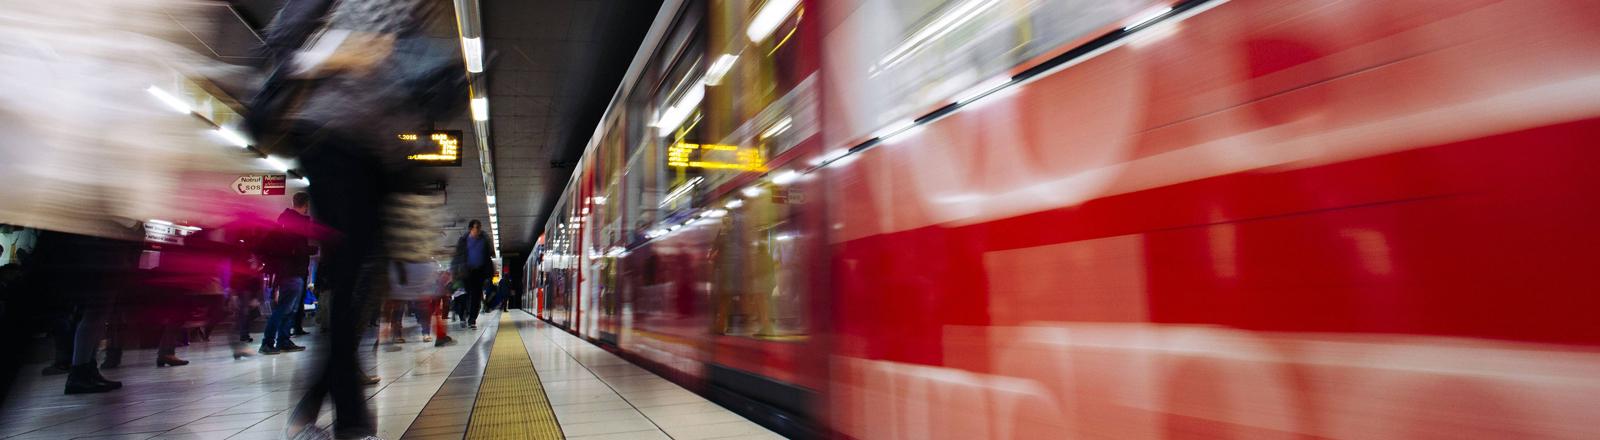 Eine U-Bahn des Öffentlicher Personennahverkehrs.